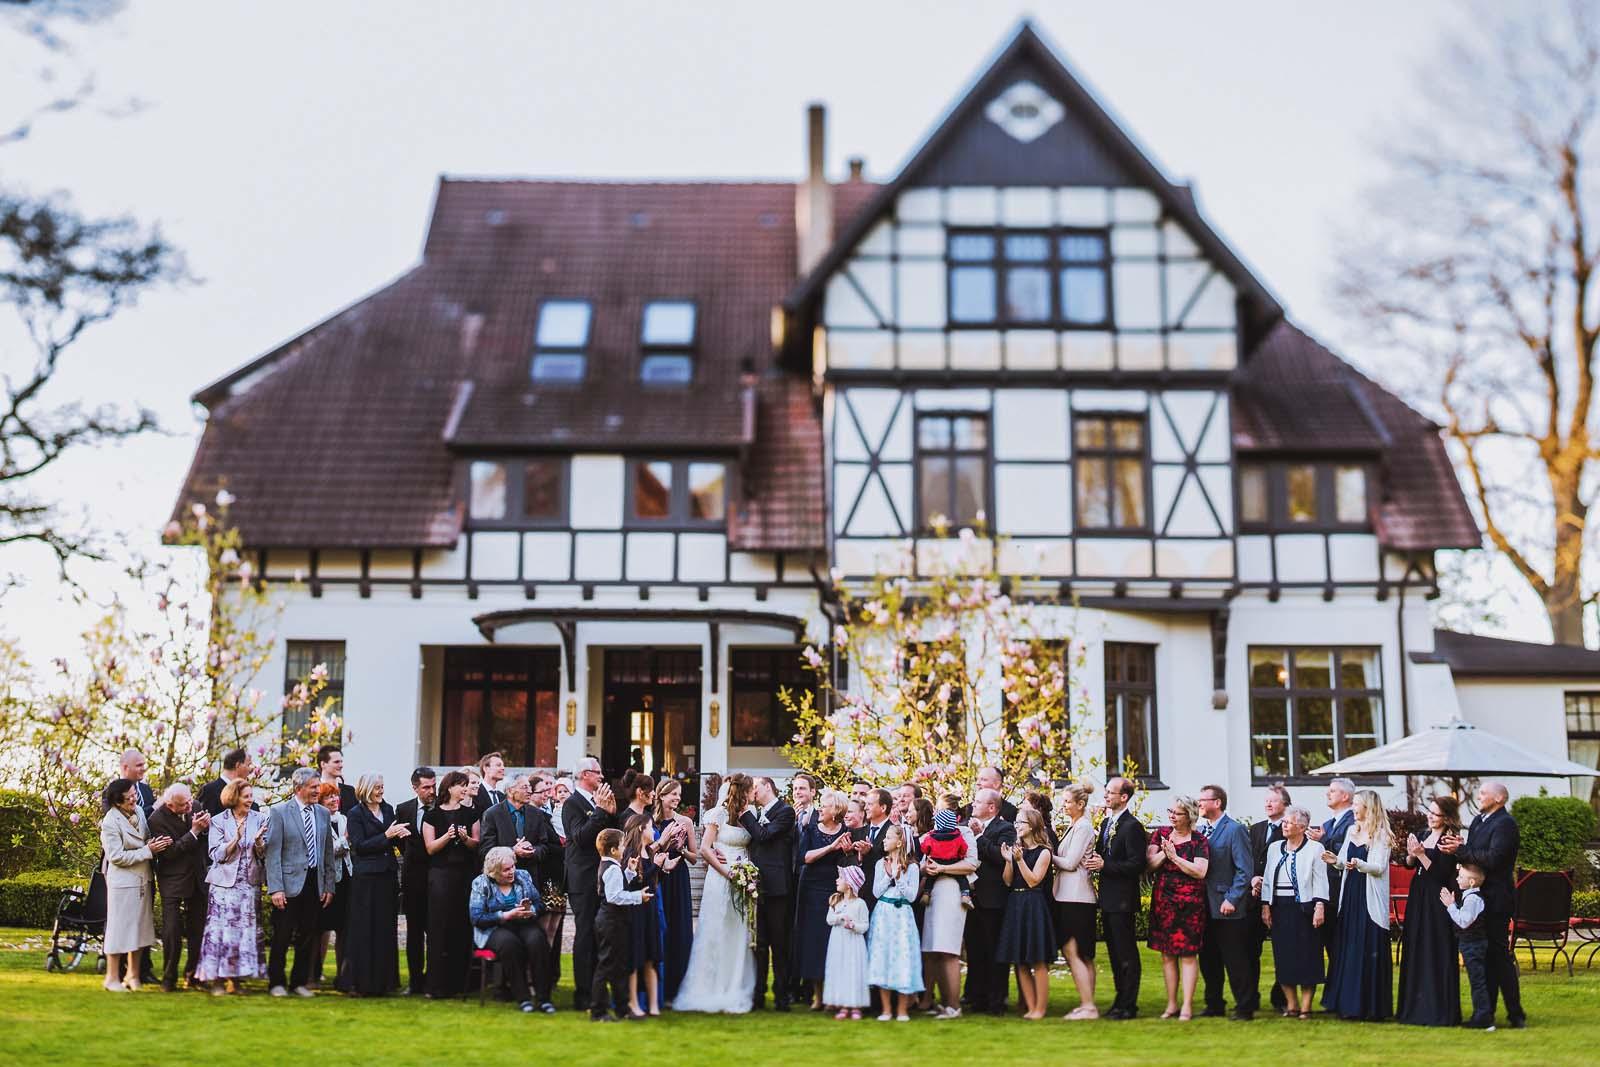 Gruppenfoto einer Hochzeitsgesellschaft am Gutshaus Kubbelkow auf Ruegen Copyright by Hochzeitsfotograf www.berliner-hochzeitsfotografie.de